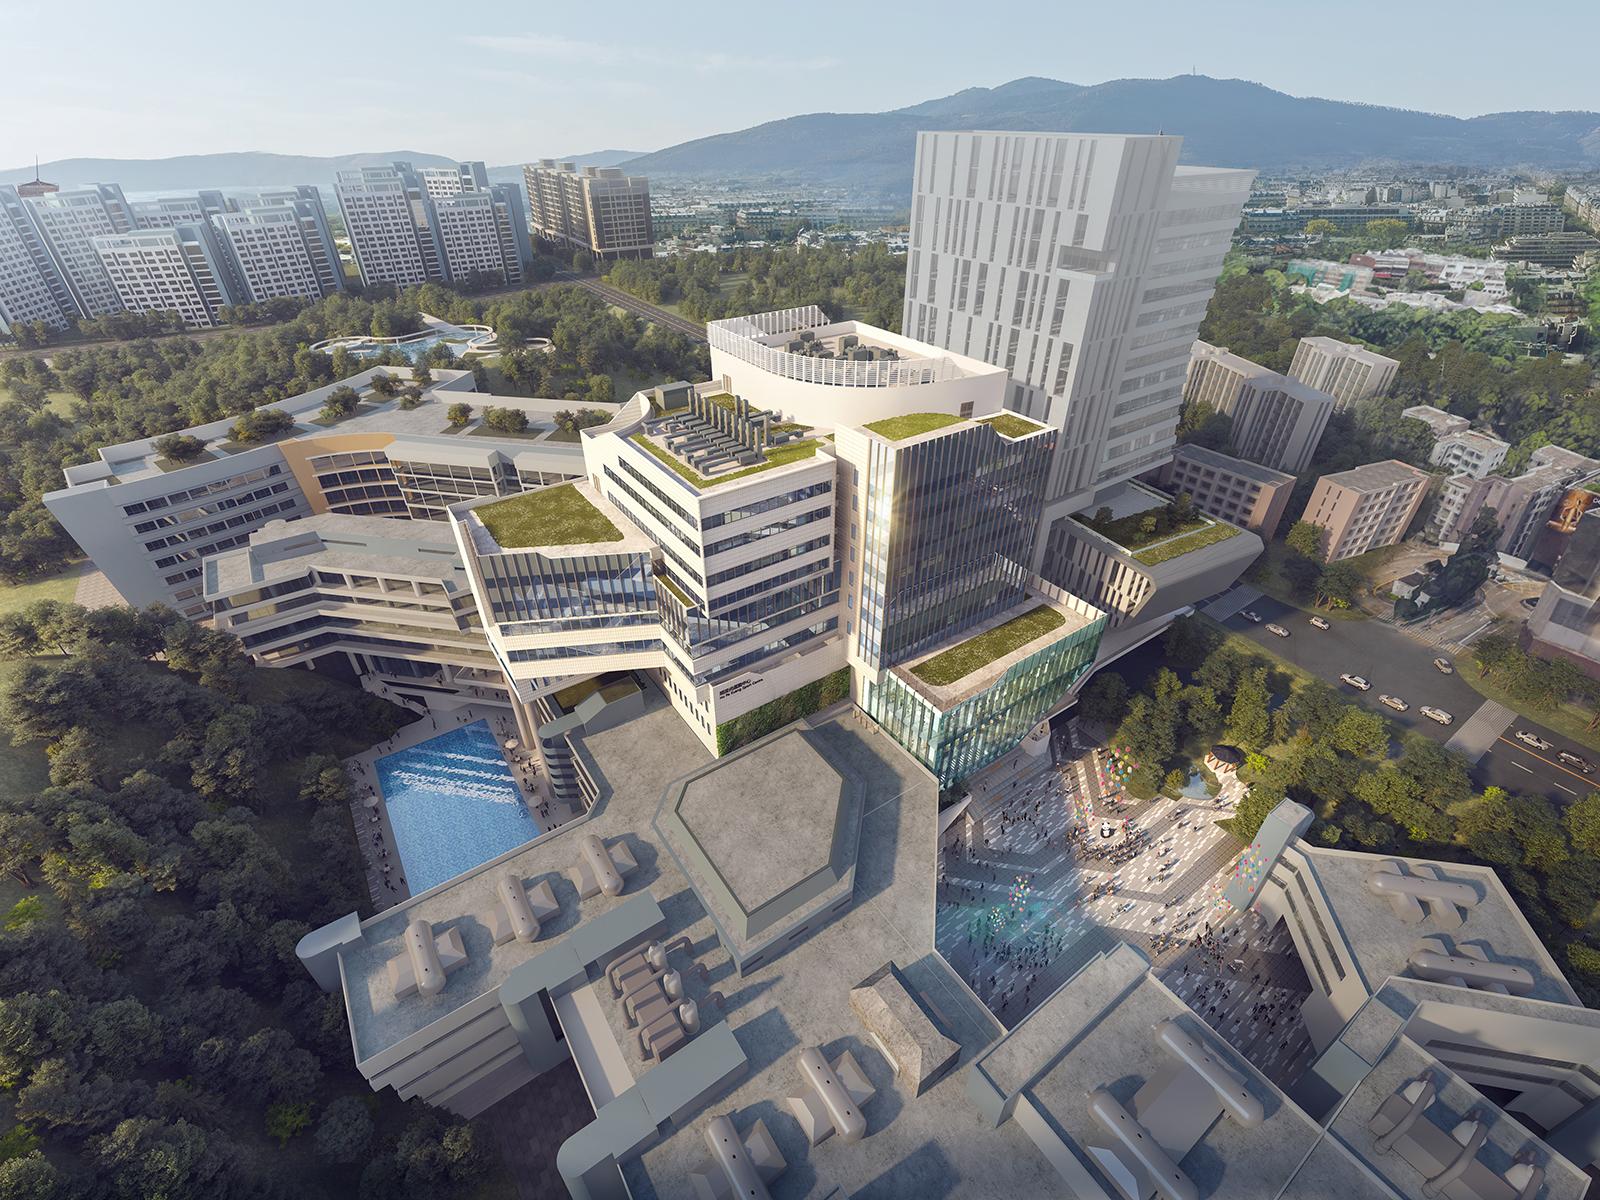 香港城市大学赛马会大楼